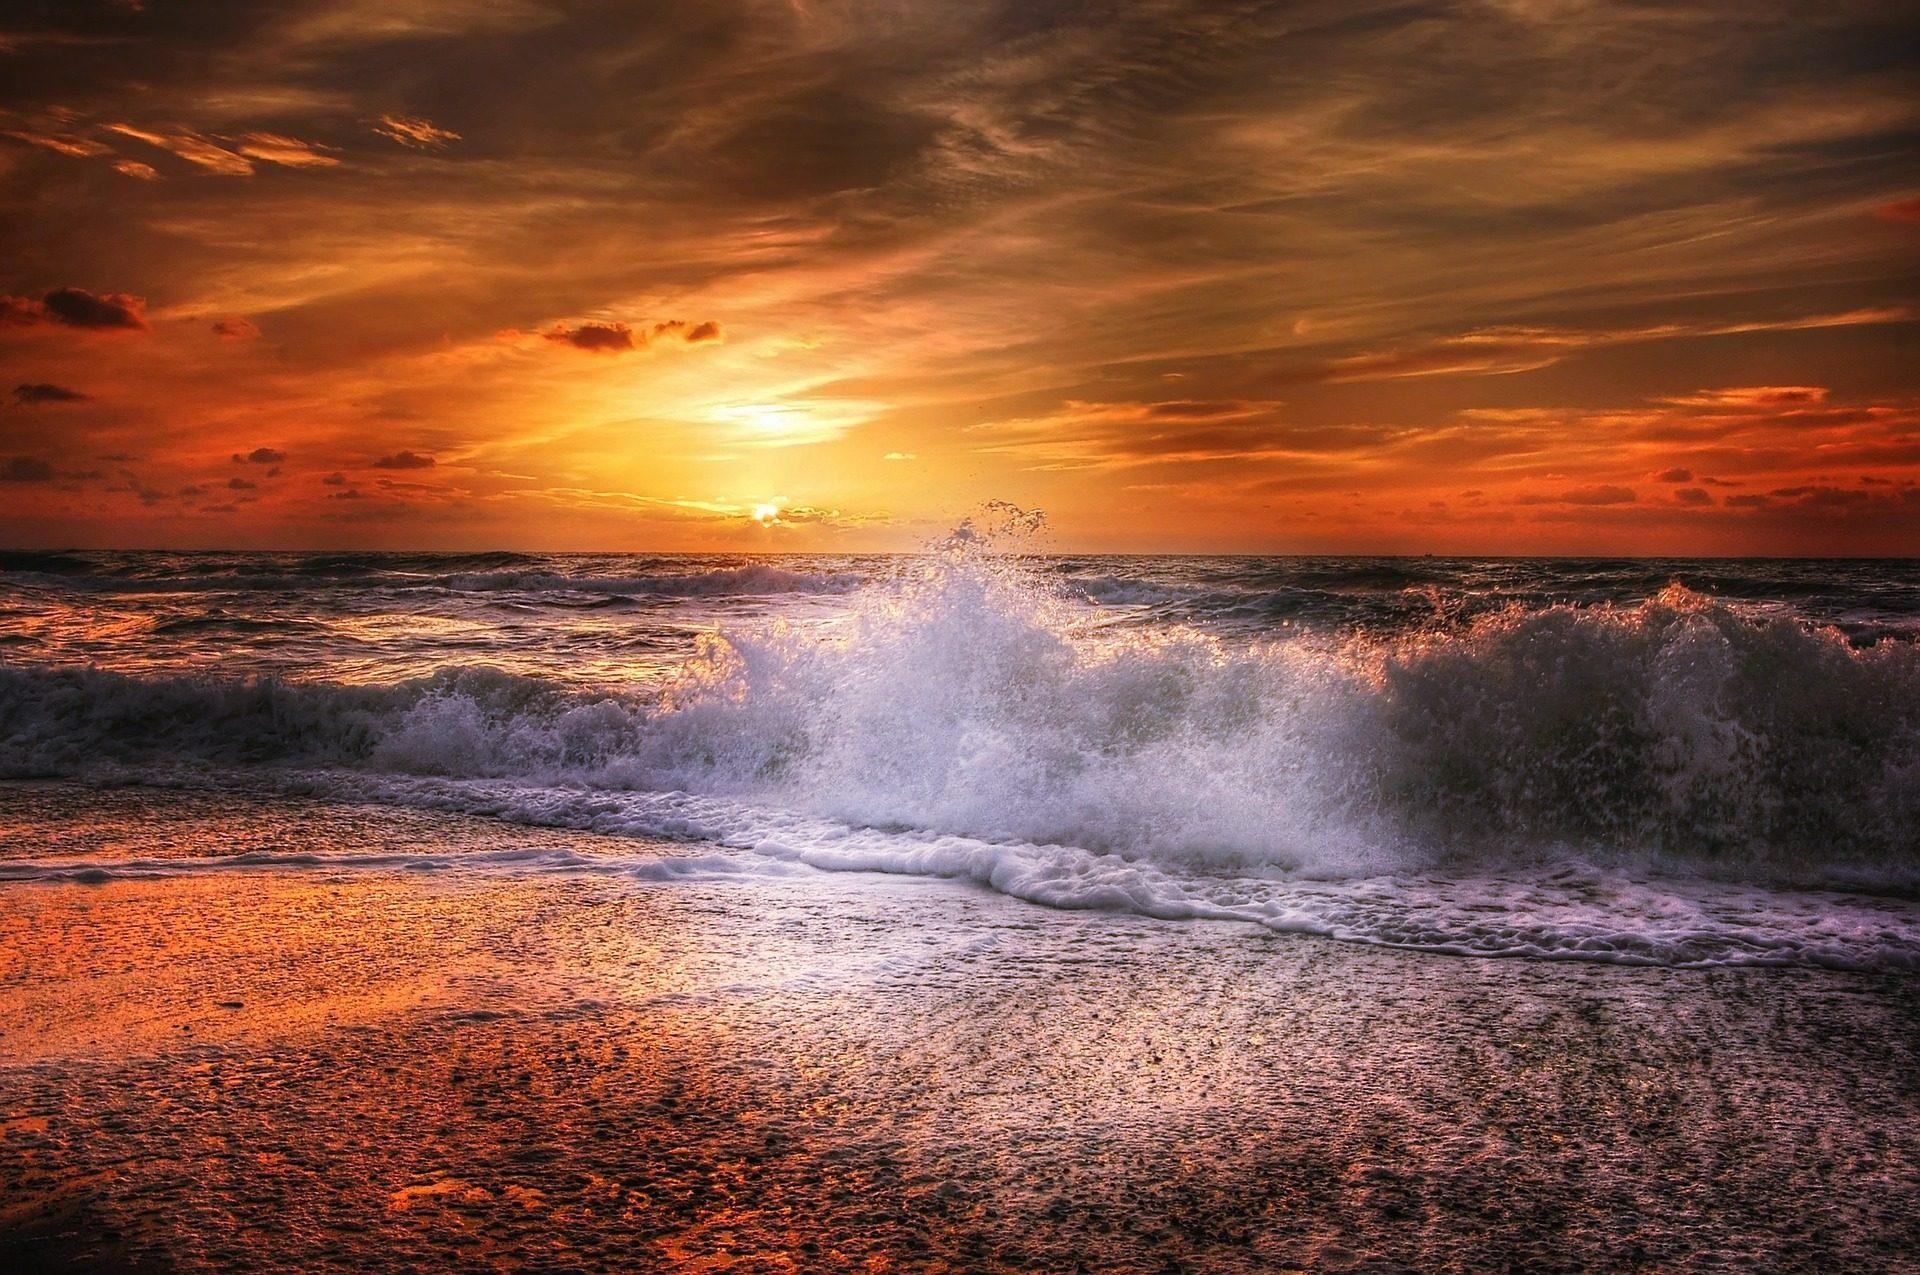 海, ビーチ, 波, スプラッシュ, サンセット, 太陽, 雲 - HD の壁紙 - 教授-falken.com